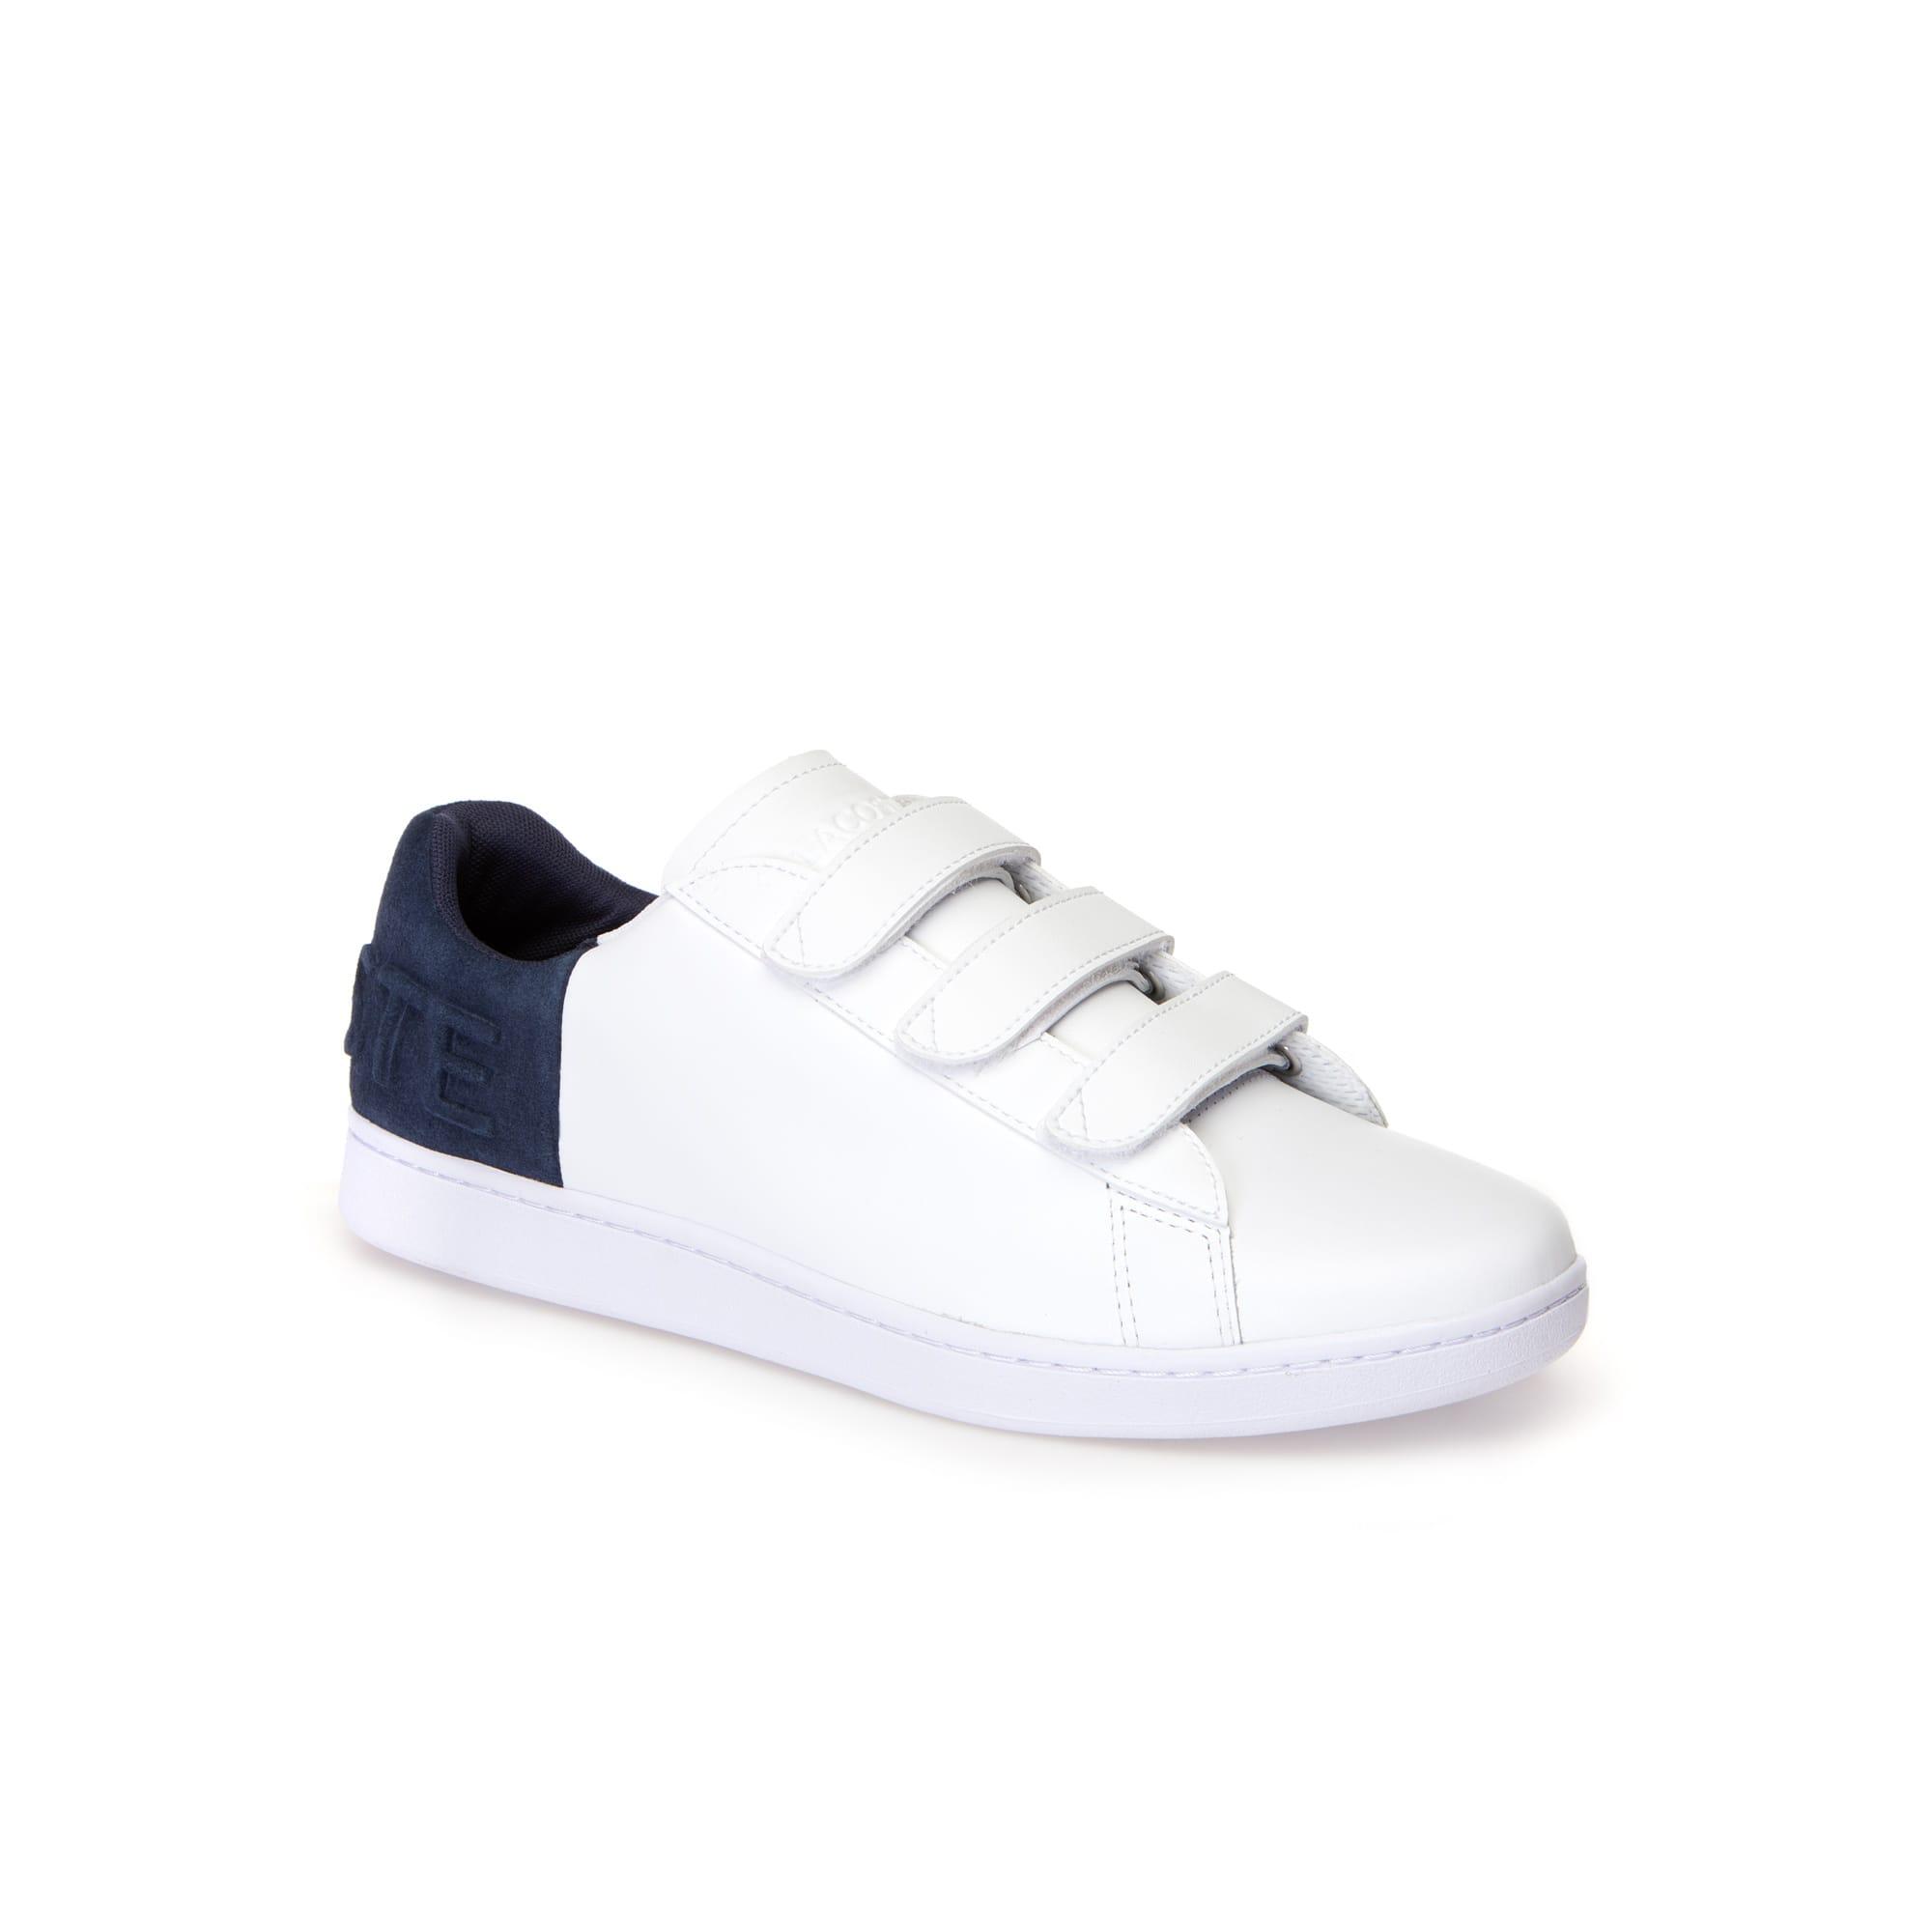 Zapatillas de hombre Carnaby Evo Strap de piel y ante